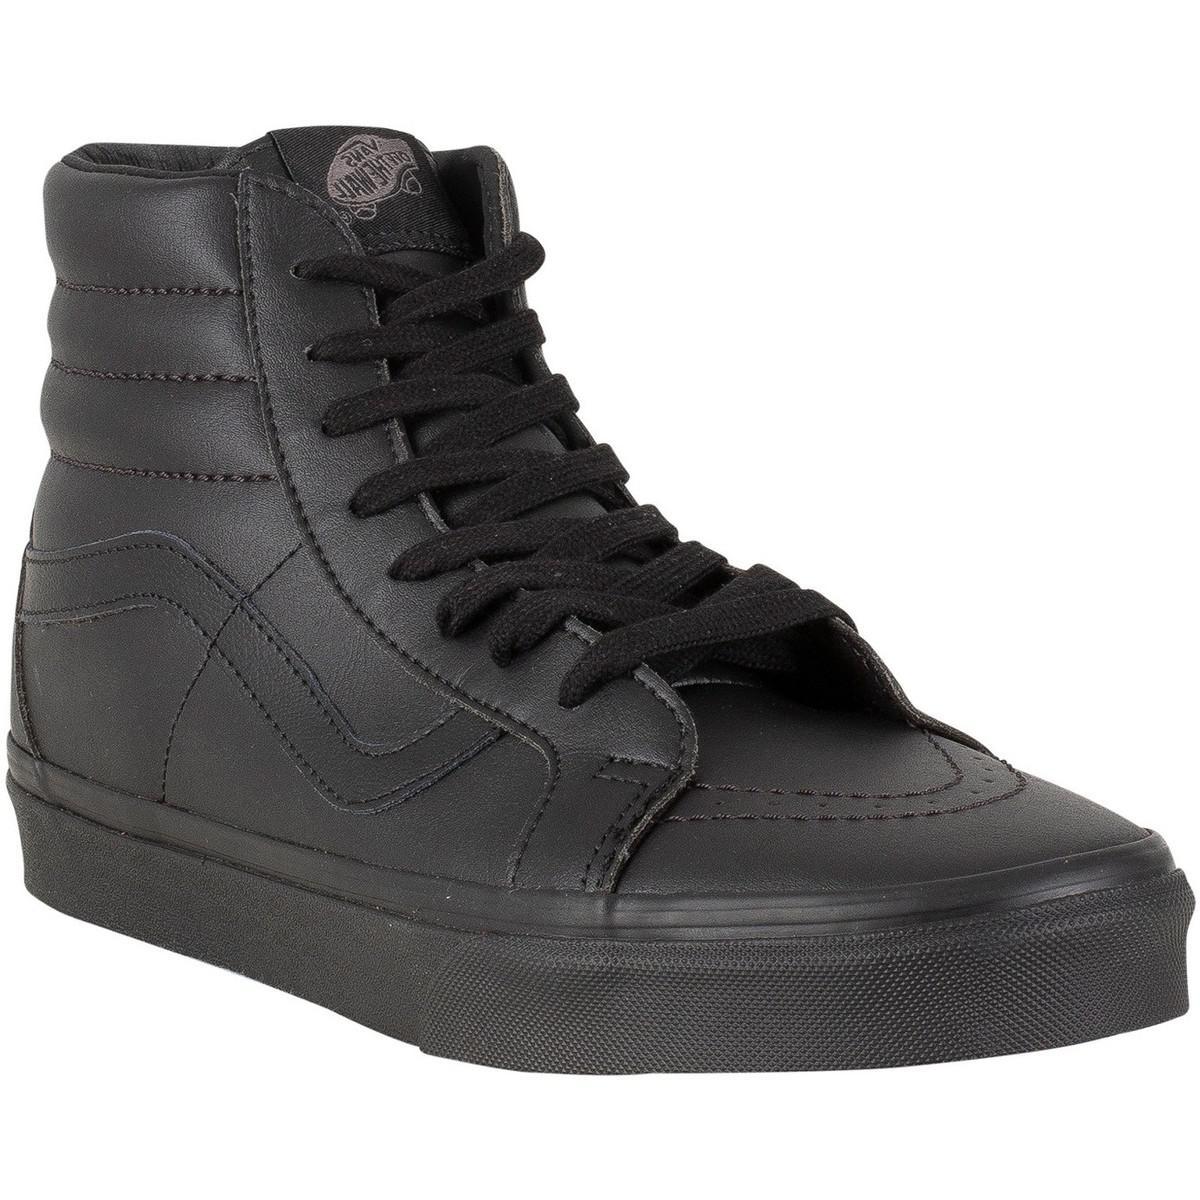 429d1ce35235c6 Vans Men s Sk8-hi Reissue Leather Trainers